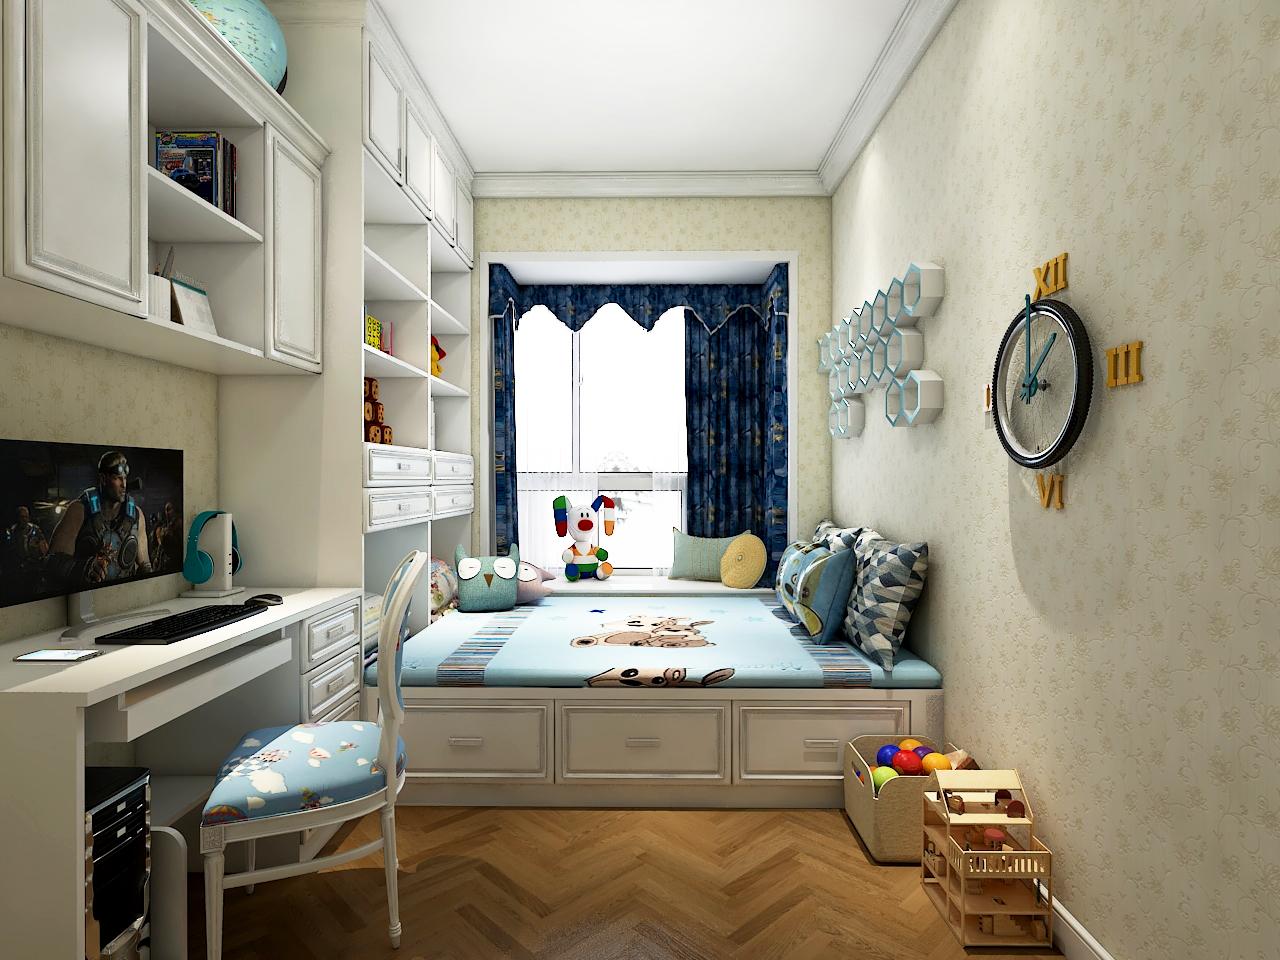 次卧 SECOND BEDROOM